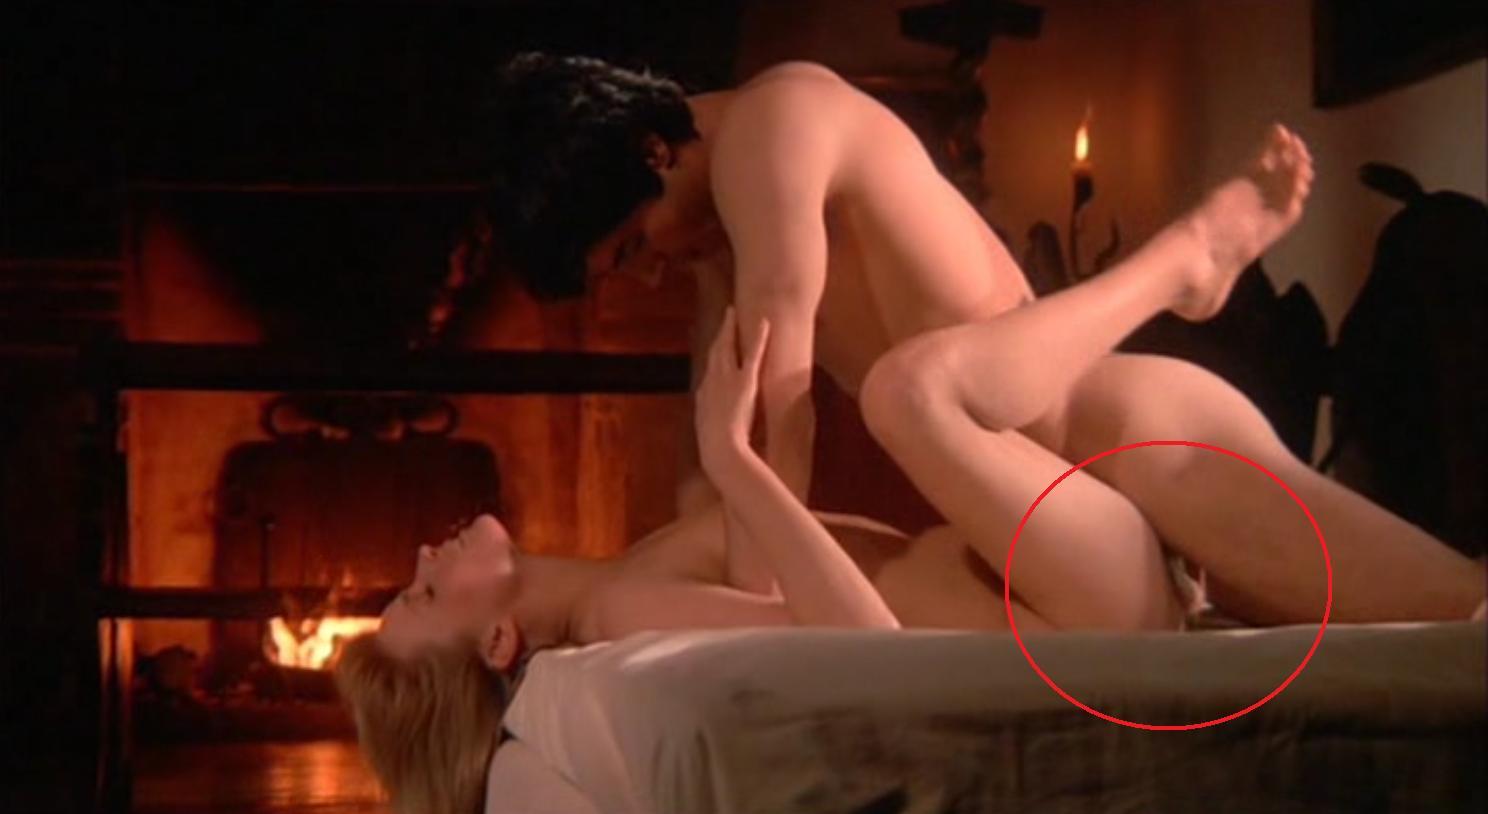 stseni-grubogo-seksa-iz-filmov